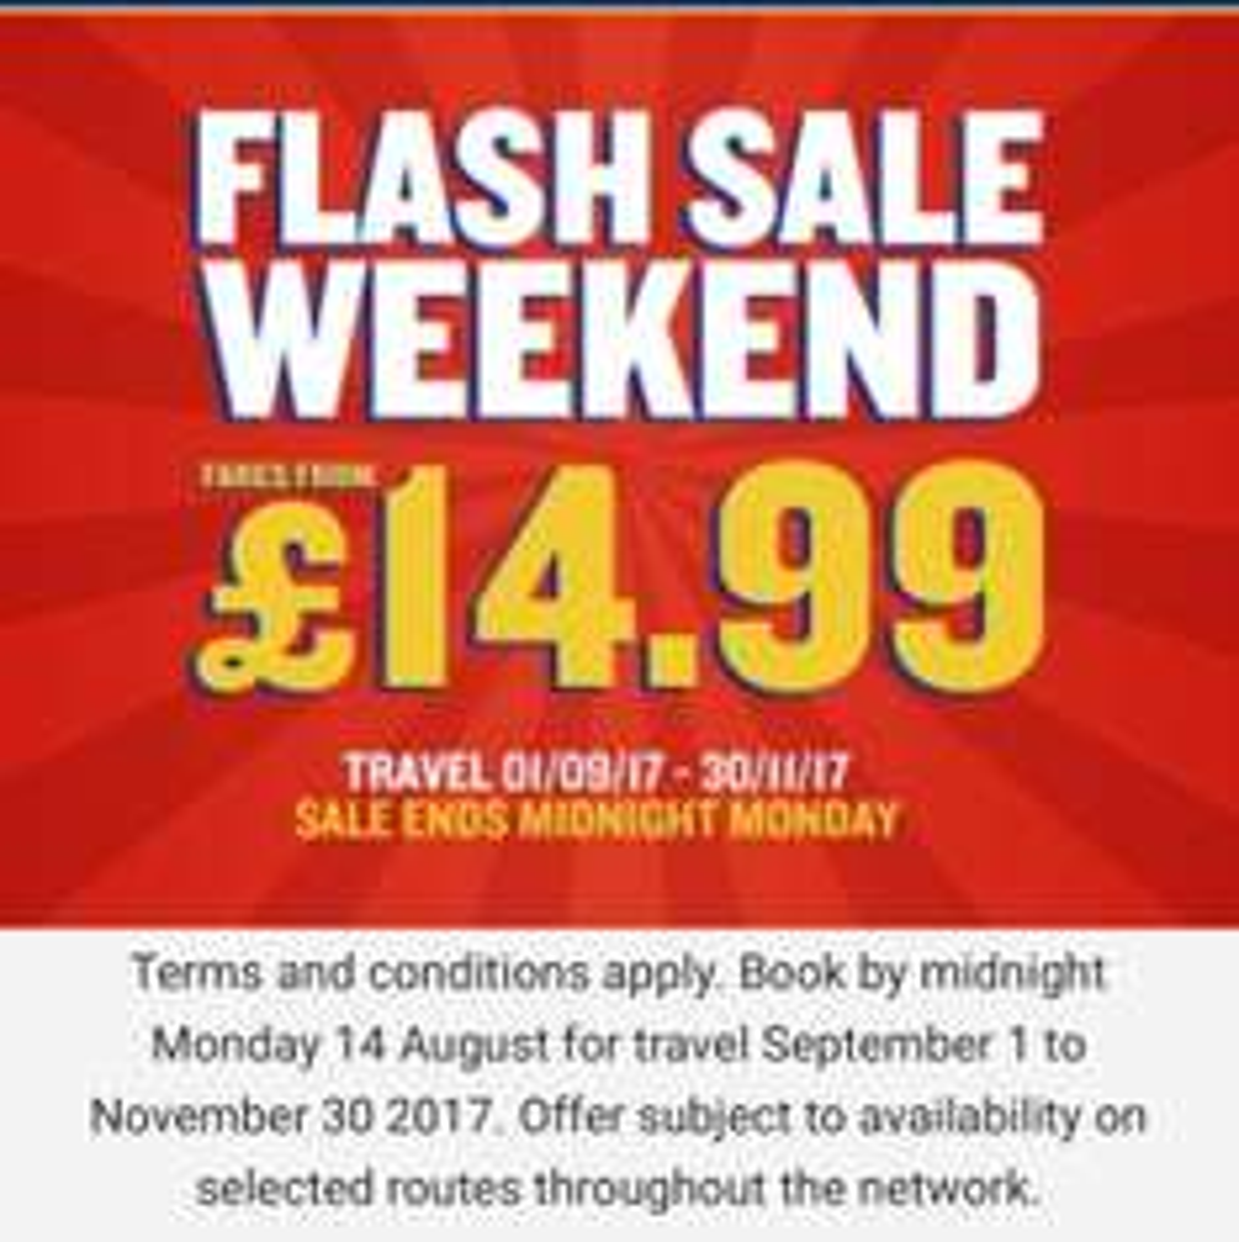 Cheap Ryanair Flights (some under £14.99) in Weekend Flash Sale